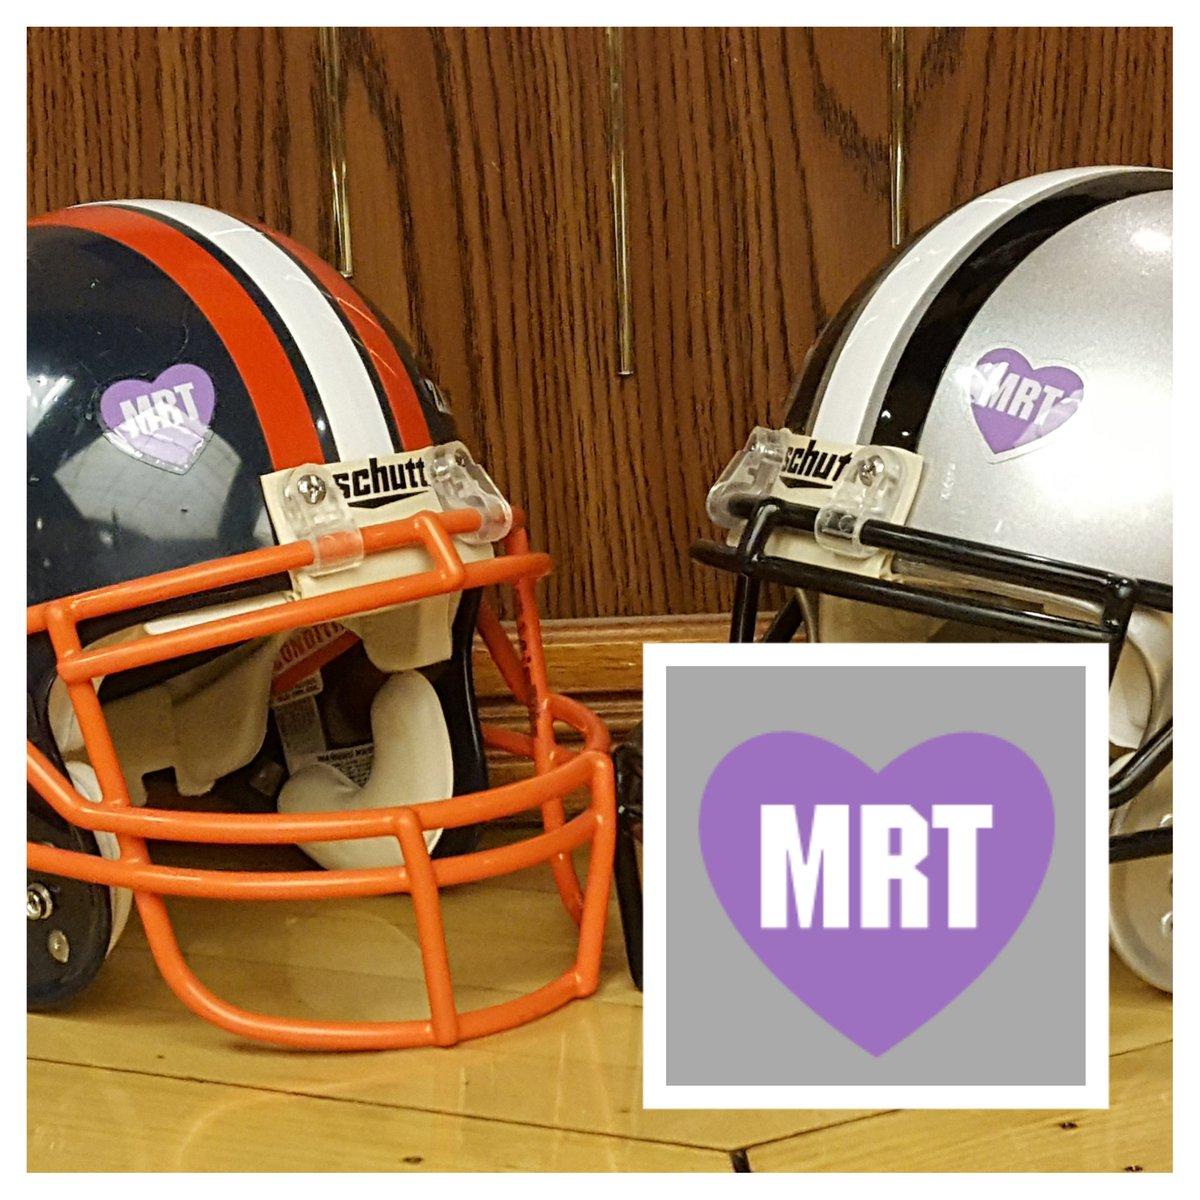 Snapple Bowl Players And Cheerleaders To Honor Marisa At